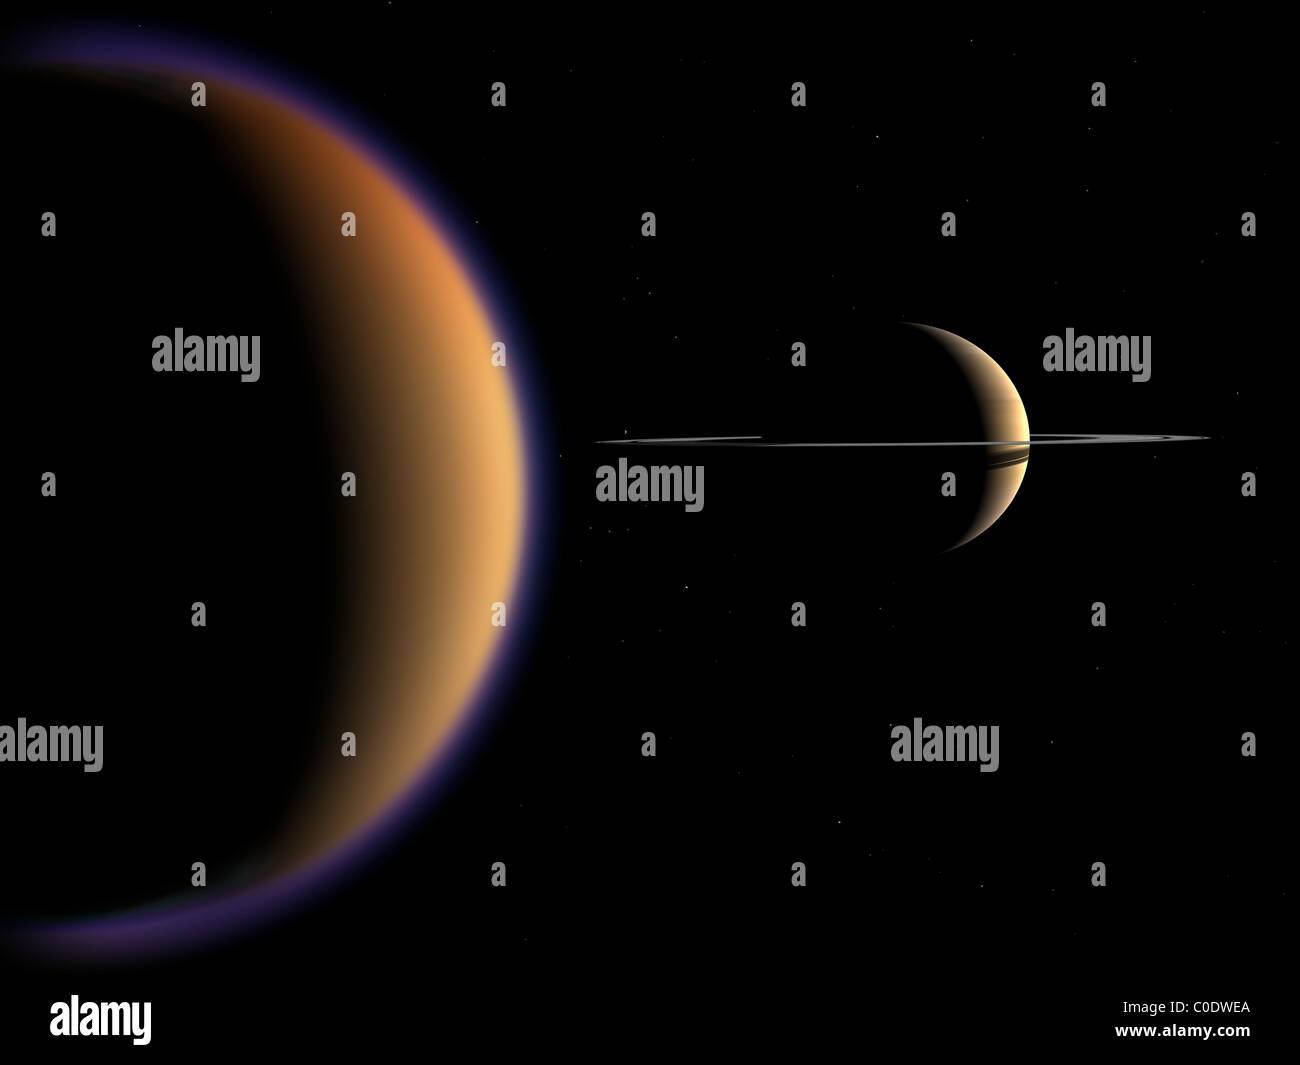 Des Künstlers Konzept der Saturn und sein Mond Titan. Stockbild